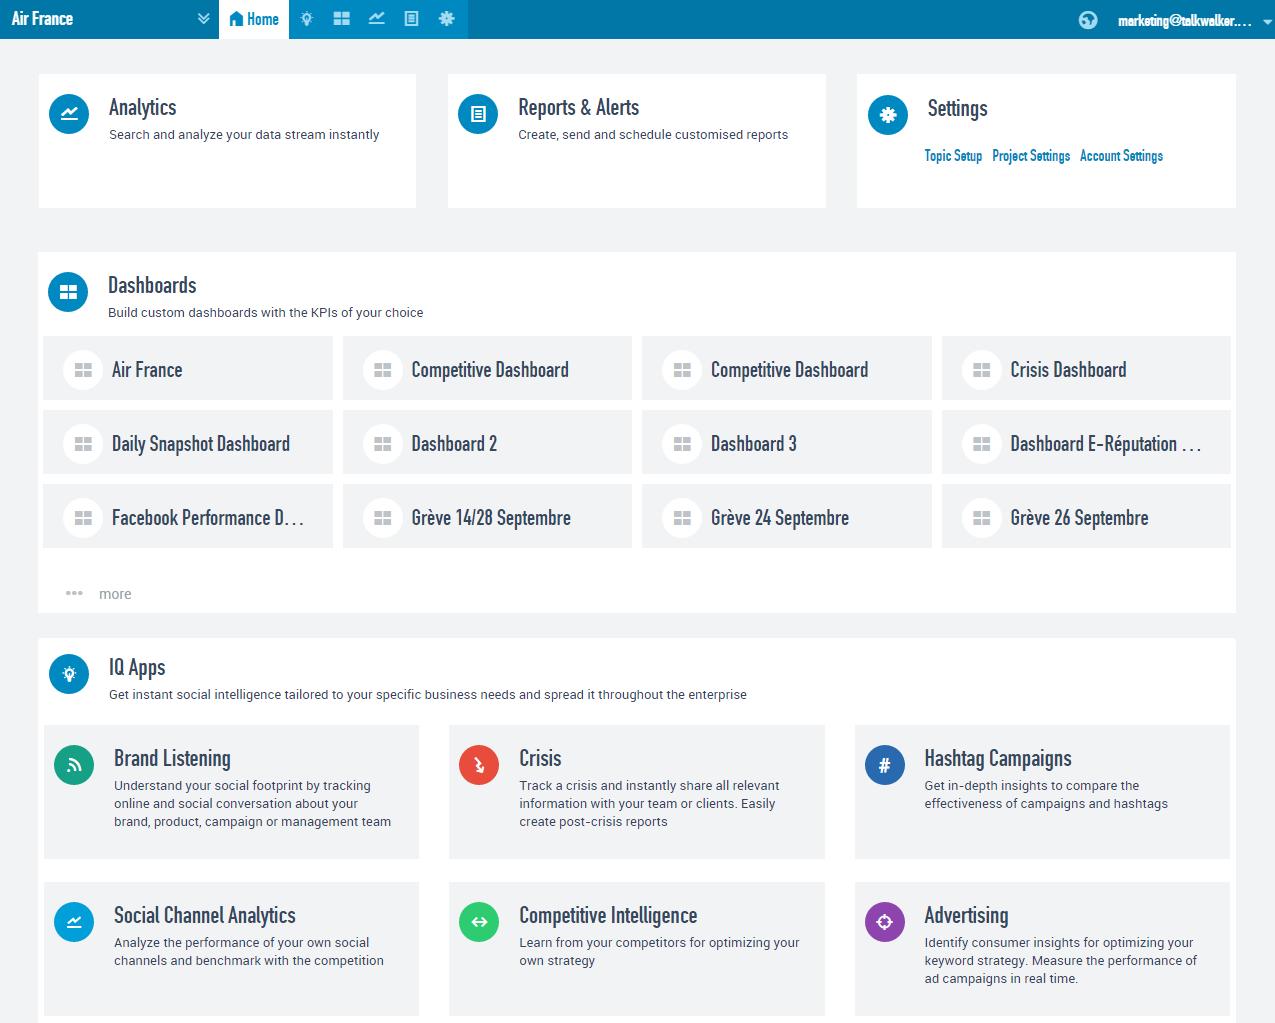 Главная страница онлайн-сервиса мониторинга и анализа медиа Talkwalker